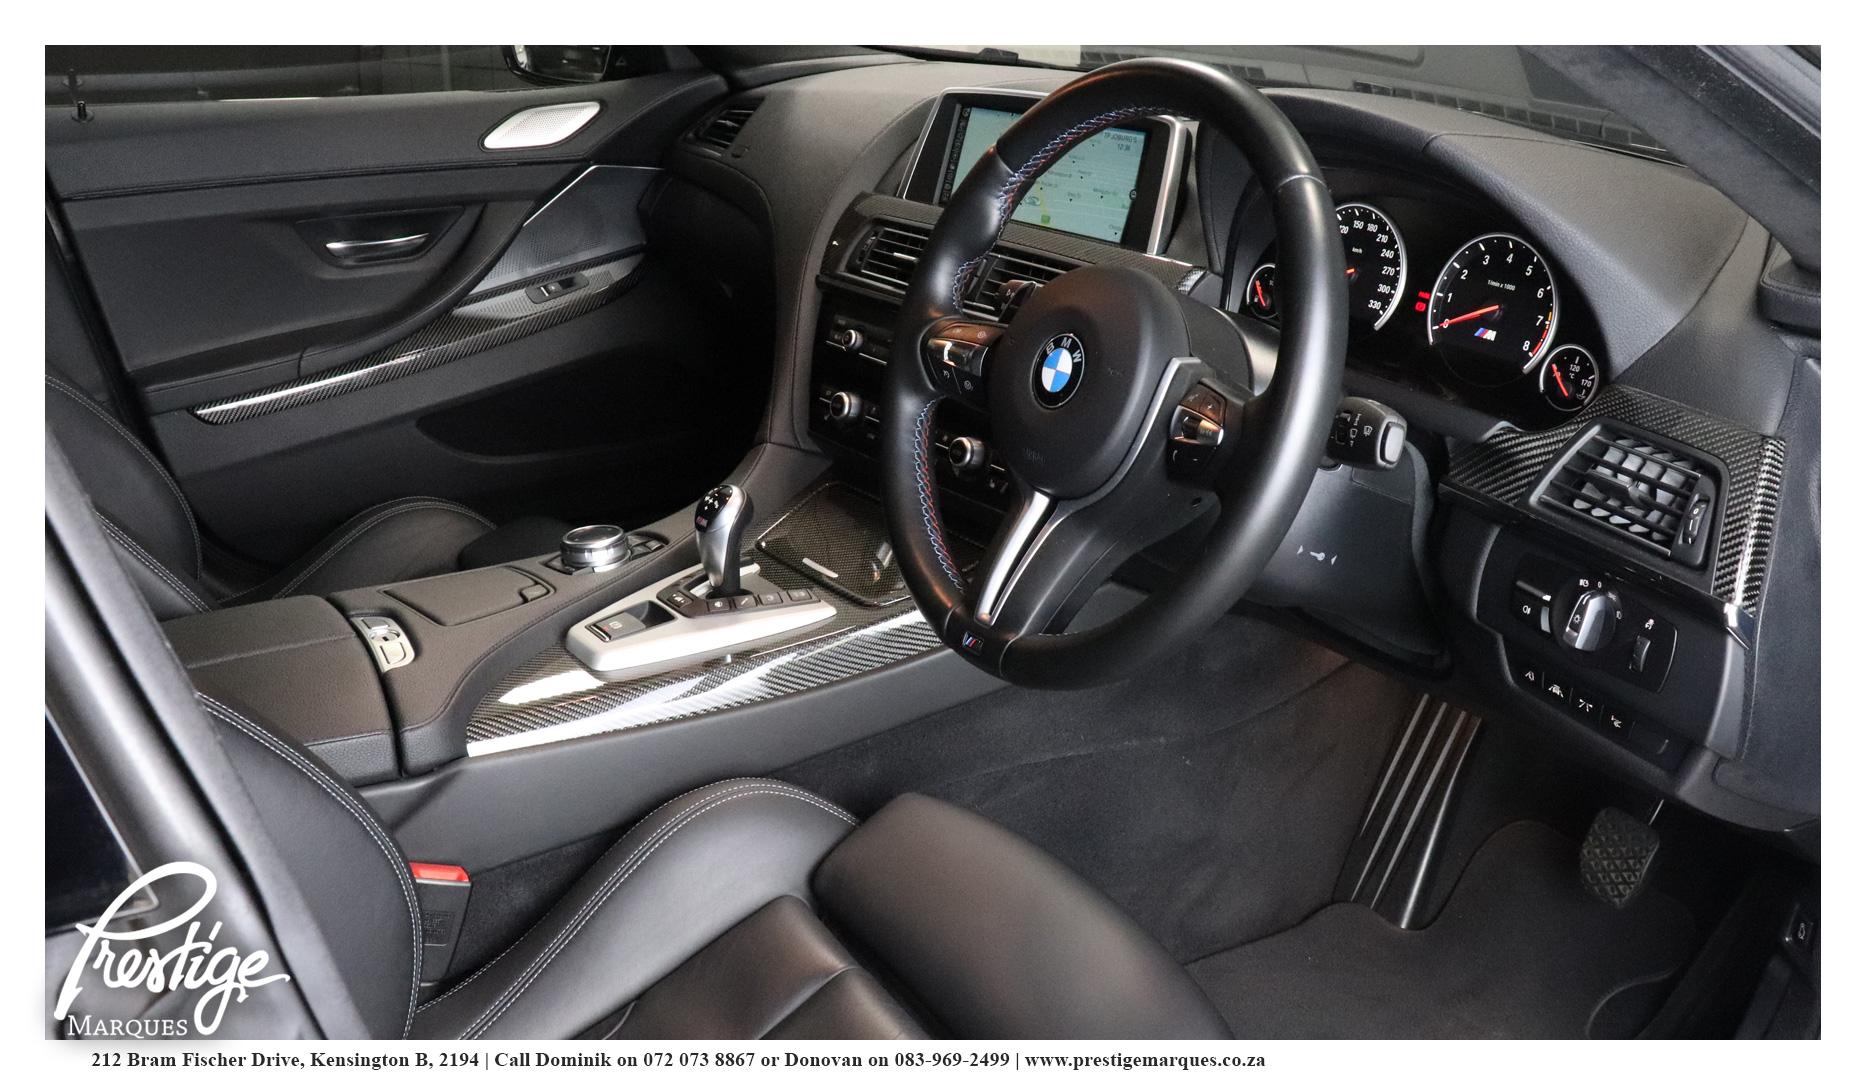 Prestige-Marques-2014-BMW-M6-Gran Coupe-MDCT-16